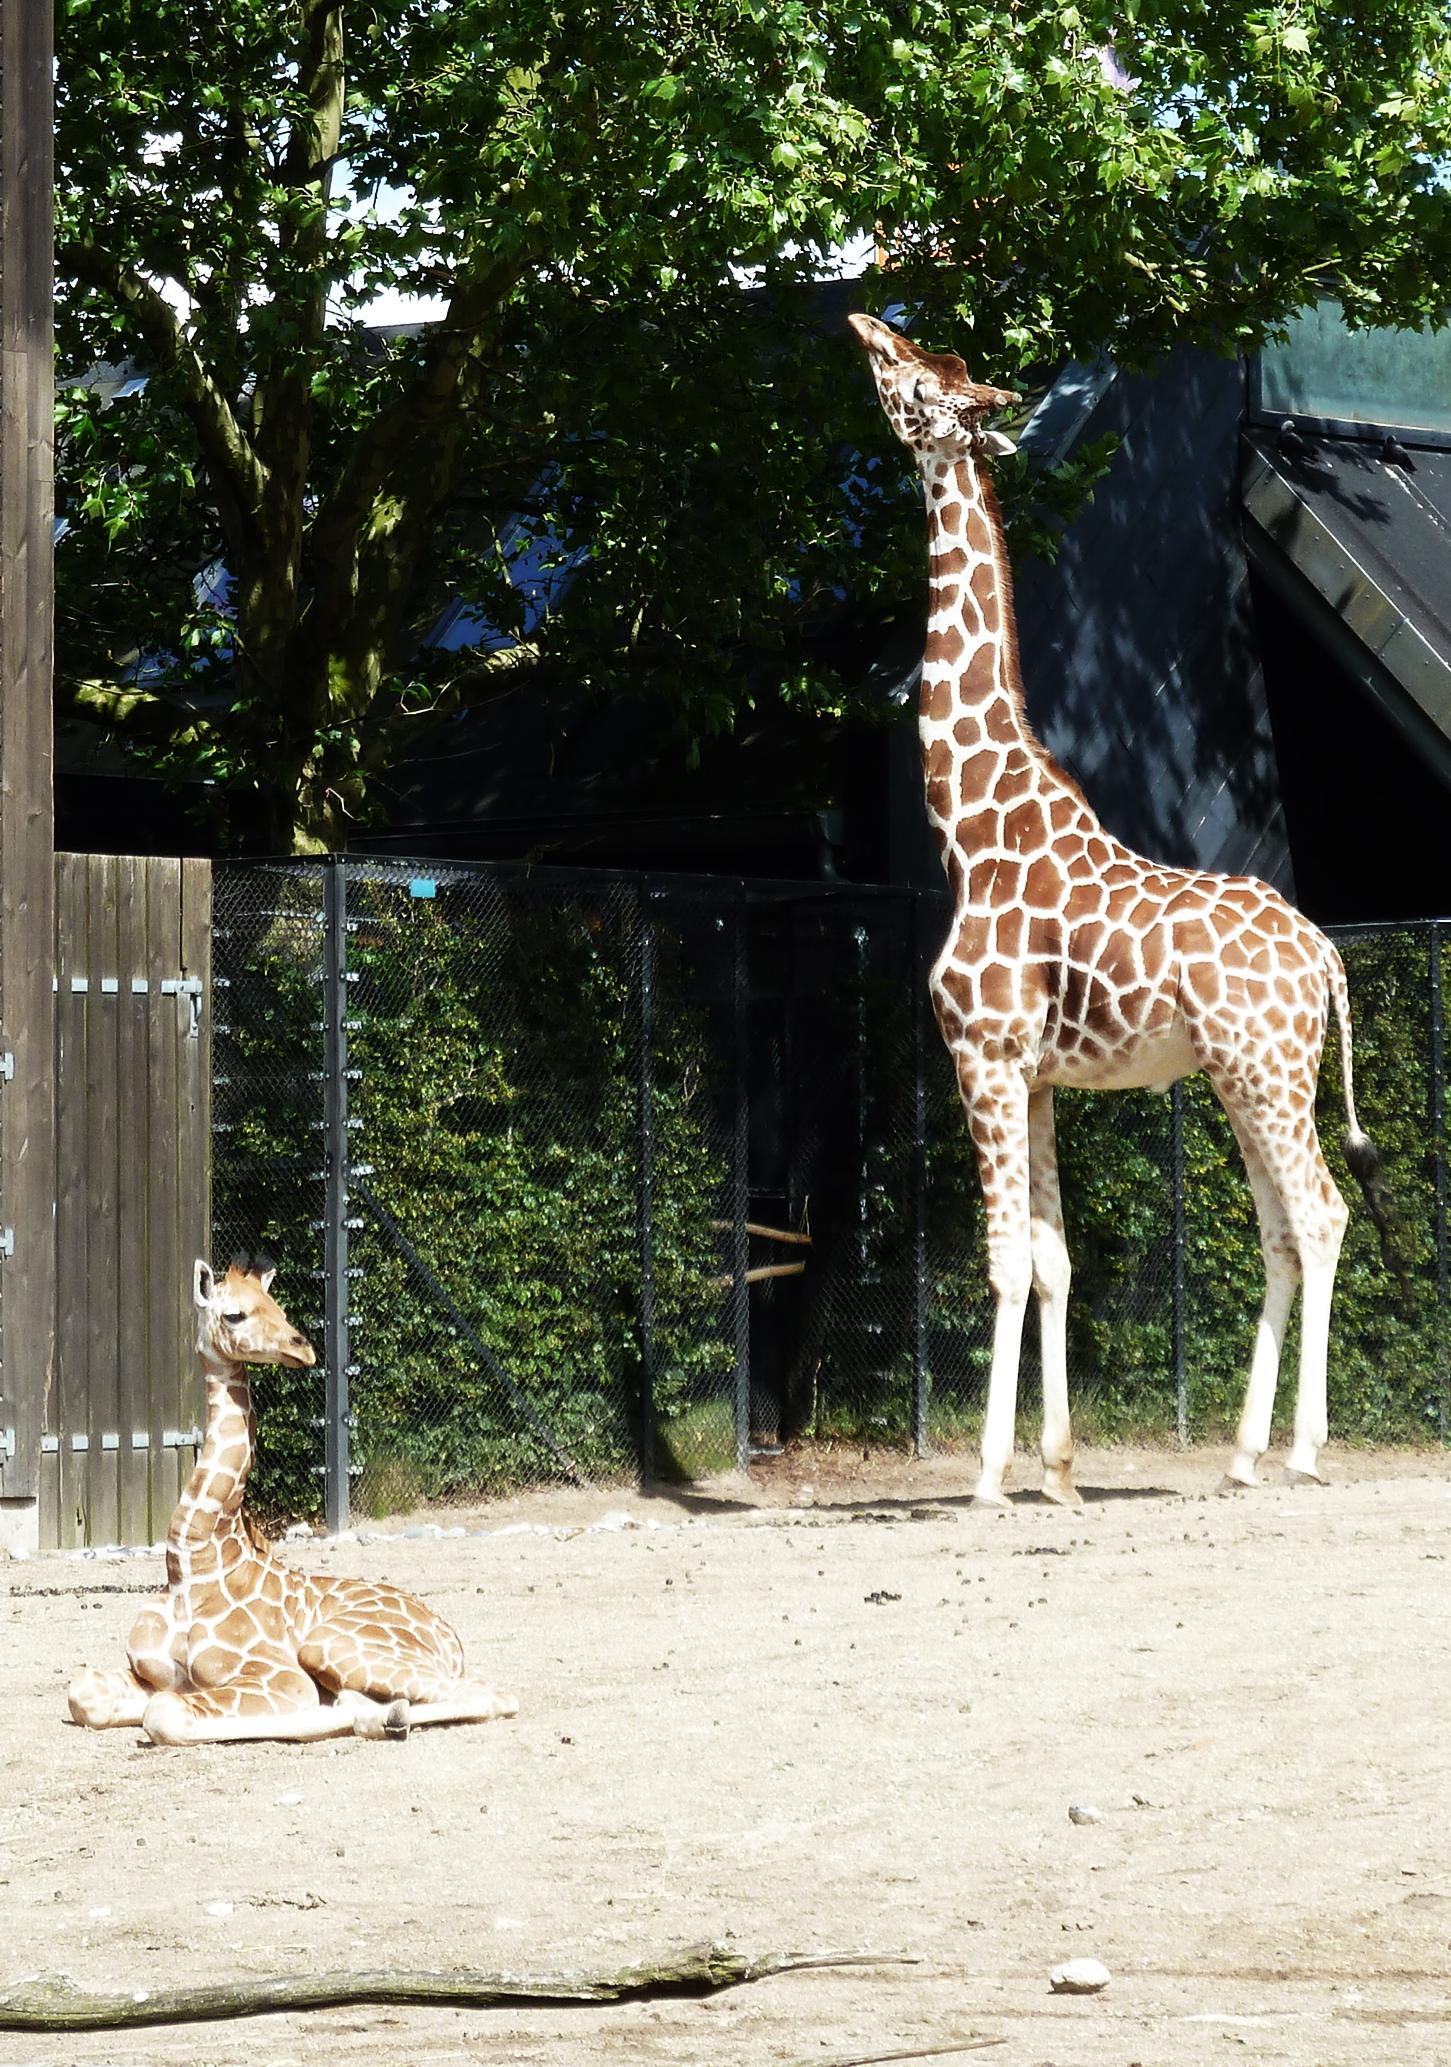 young giraffe in zoo laying down